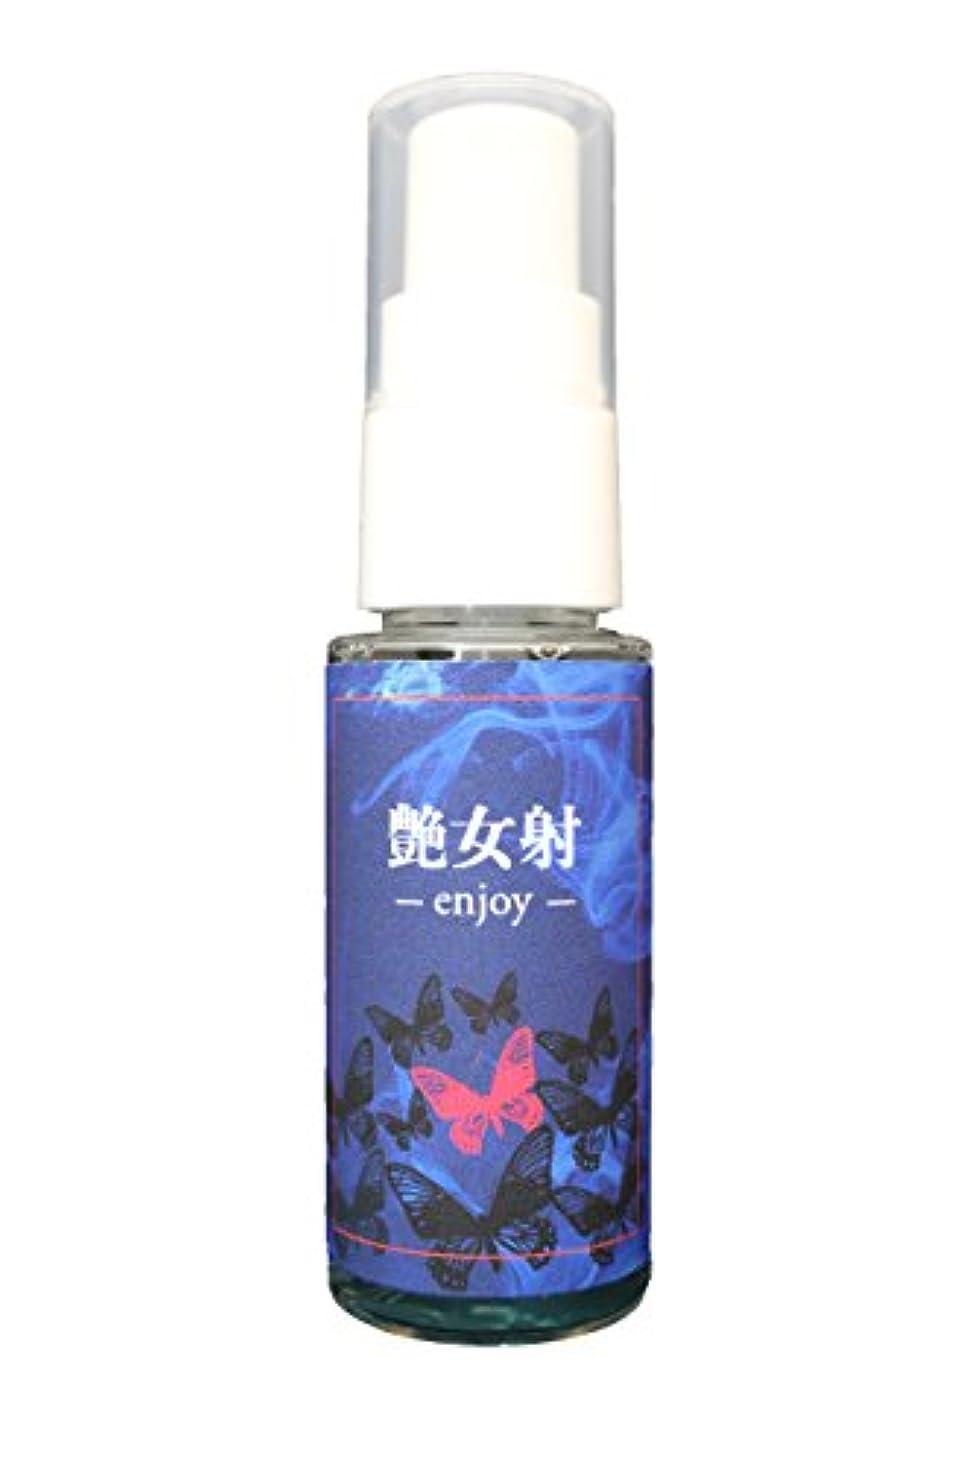 悪化する毎年ラップ艶女射 -enjoy- (エンジョイ) フェロモン 香水